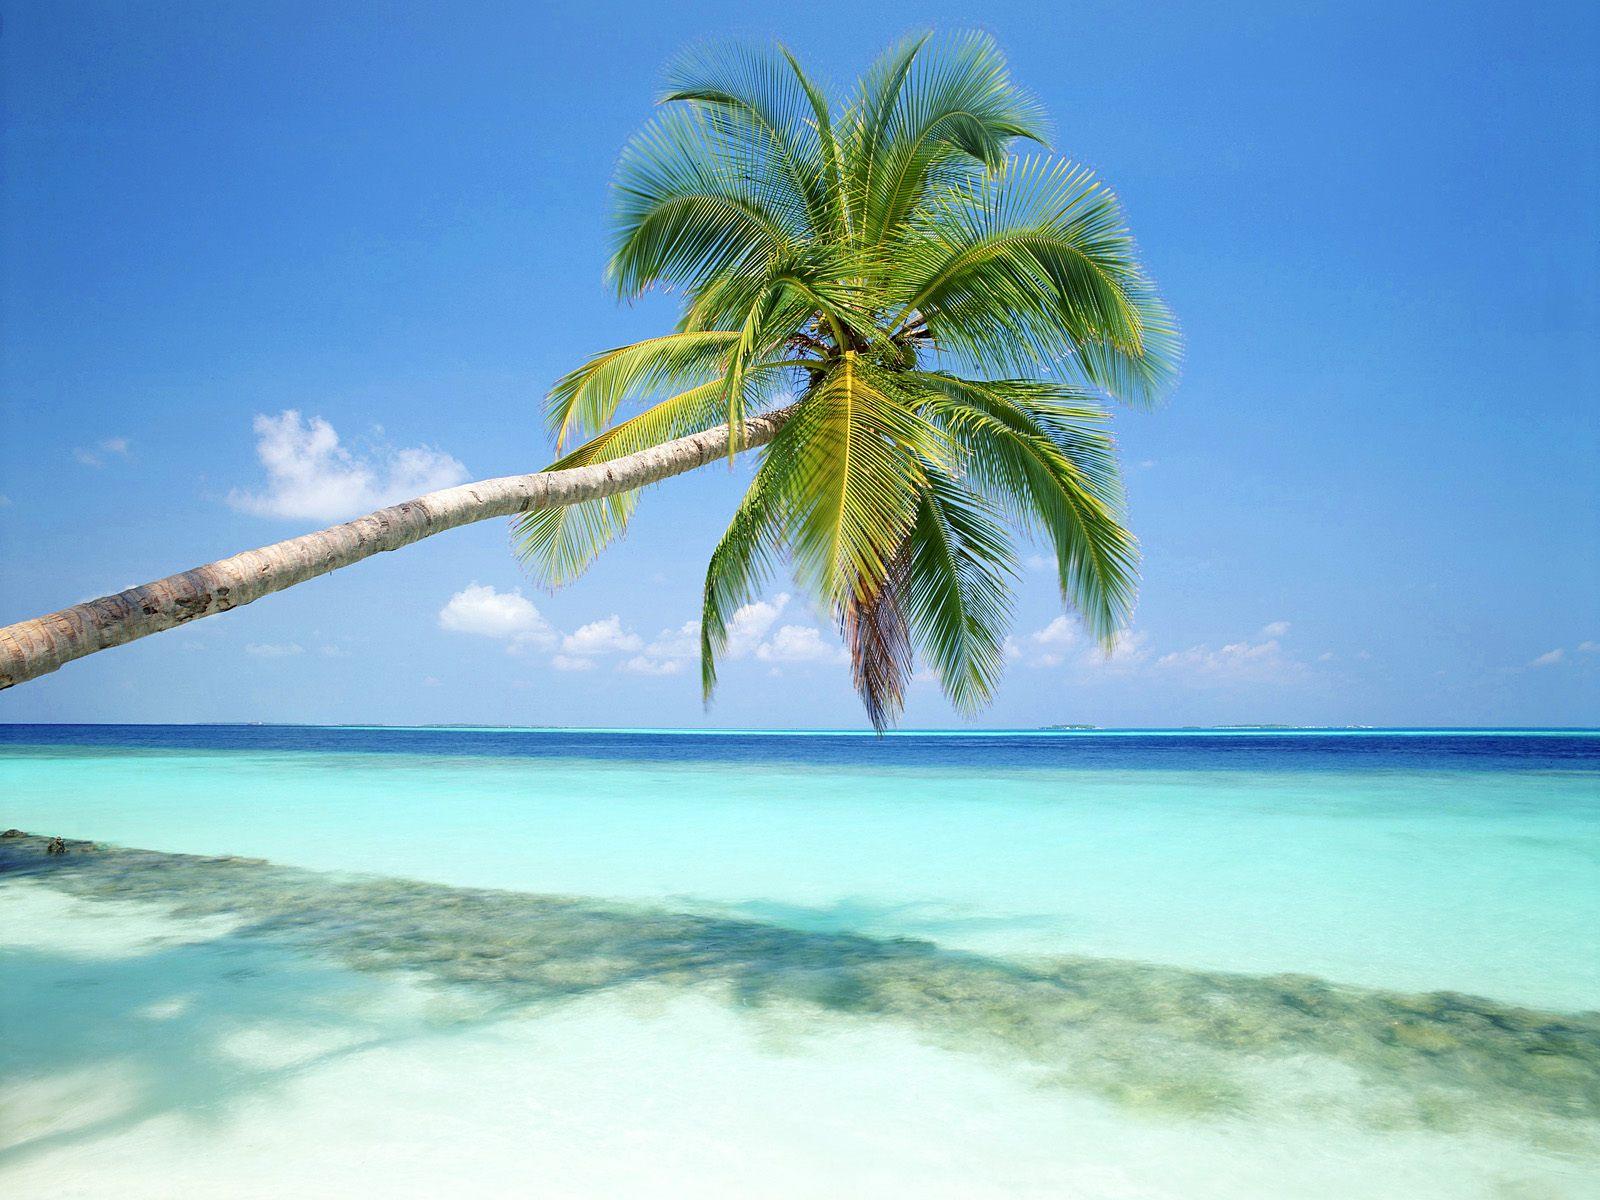 http://1.bp.blogspot.com/-3--VCan3Em0/Tec9QWaRTlI/AAAAAAAAADs/F0qrlgcVlSY/s1600/Tropical_Island_Maldives%255B1%255D.jpg